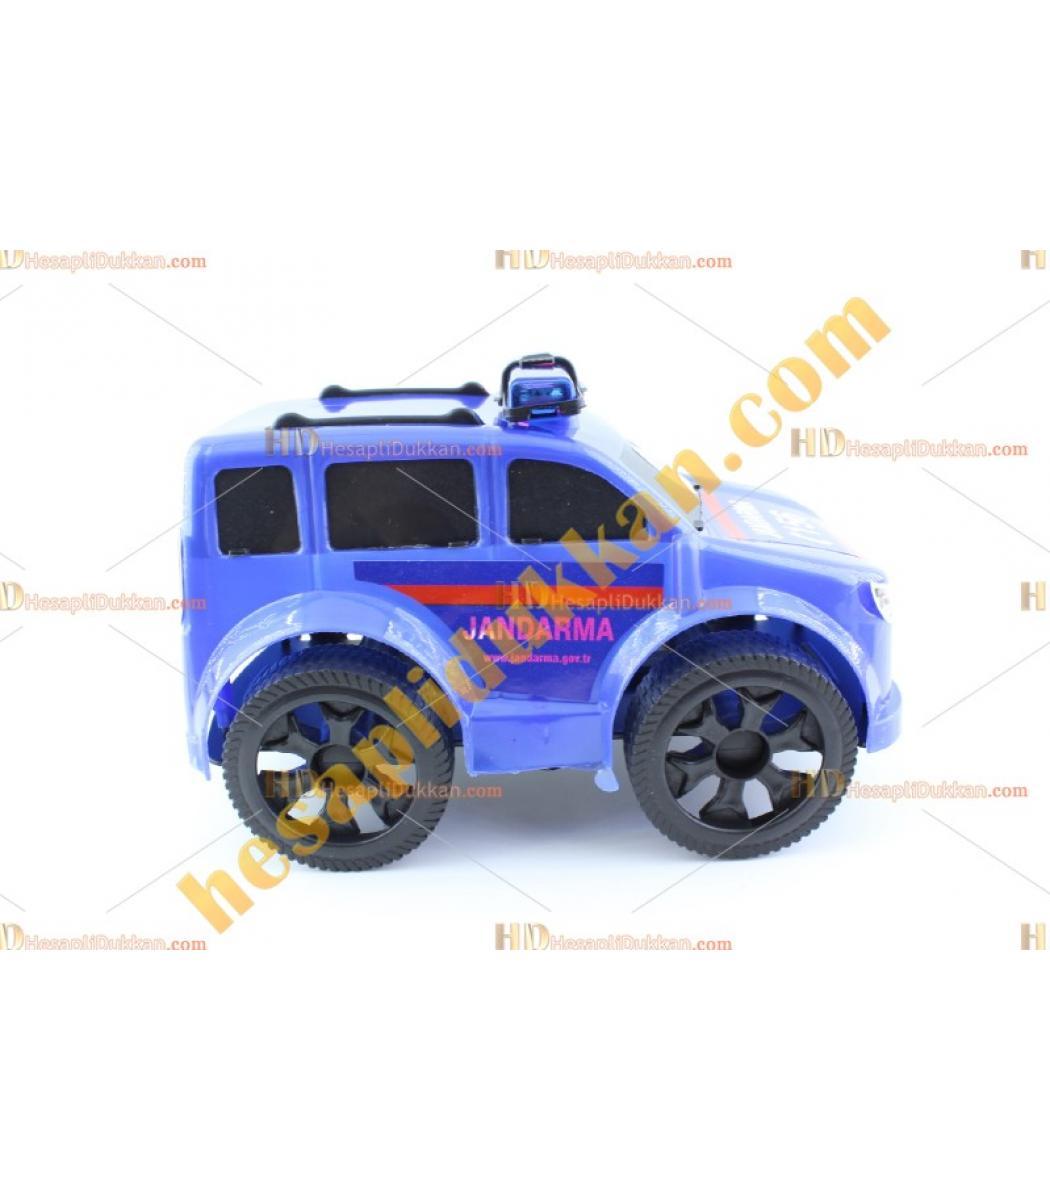 Toptan Ucuz Oyuncak Jandarma Araba Toyba8408